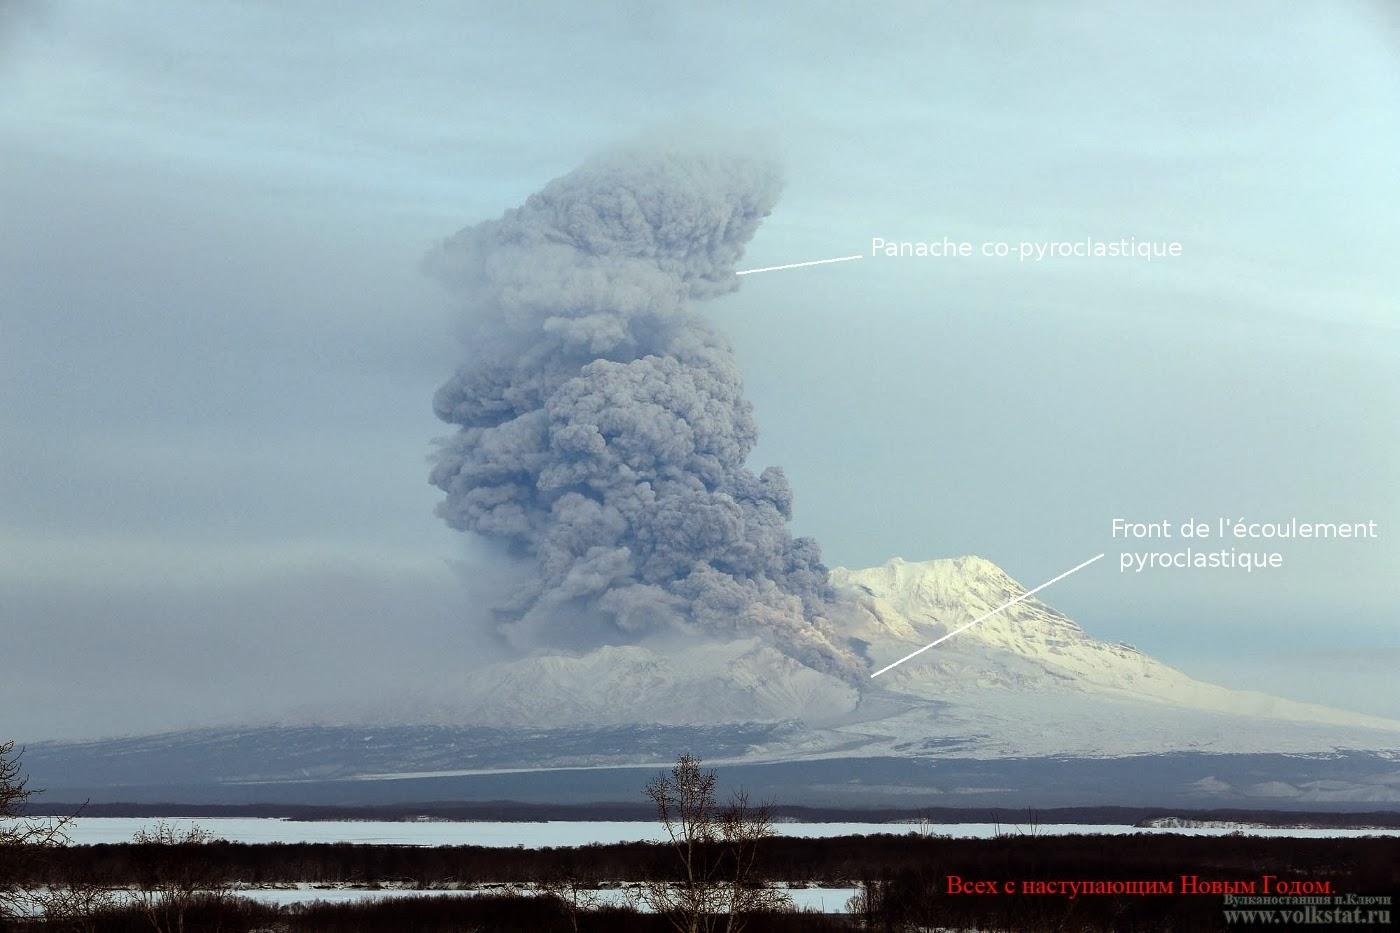 Ecoulement pyroclastique du volcan Shiveluch, 28 decembre 2013